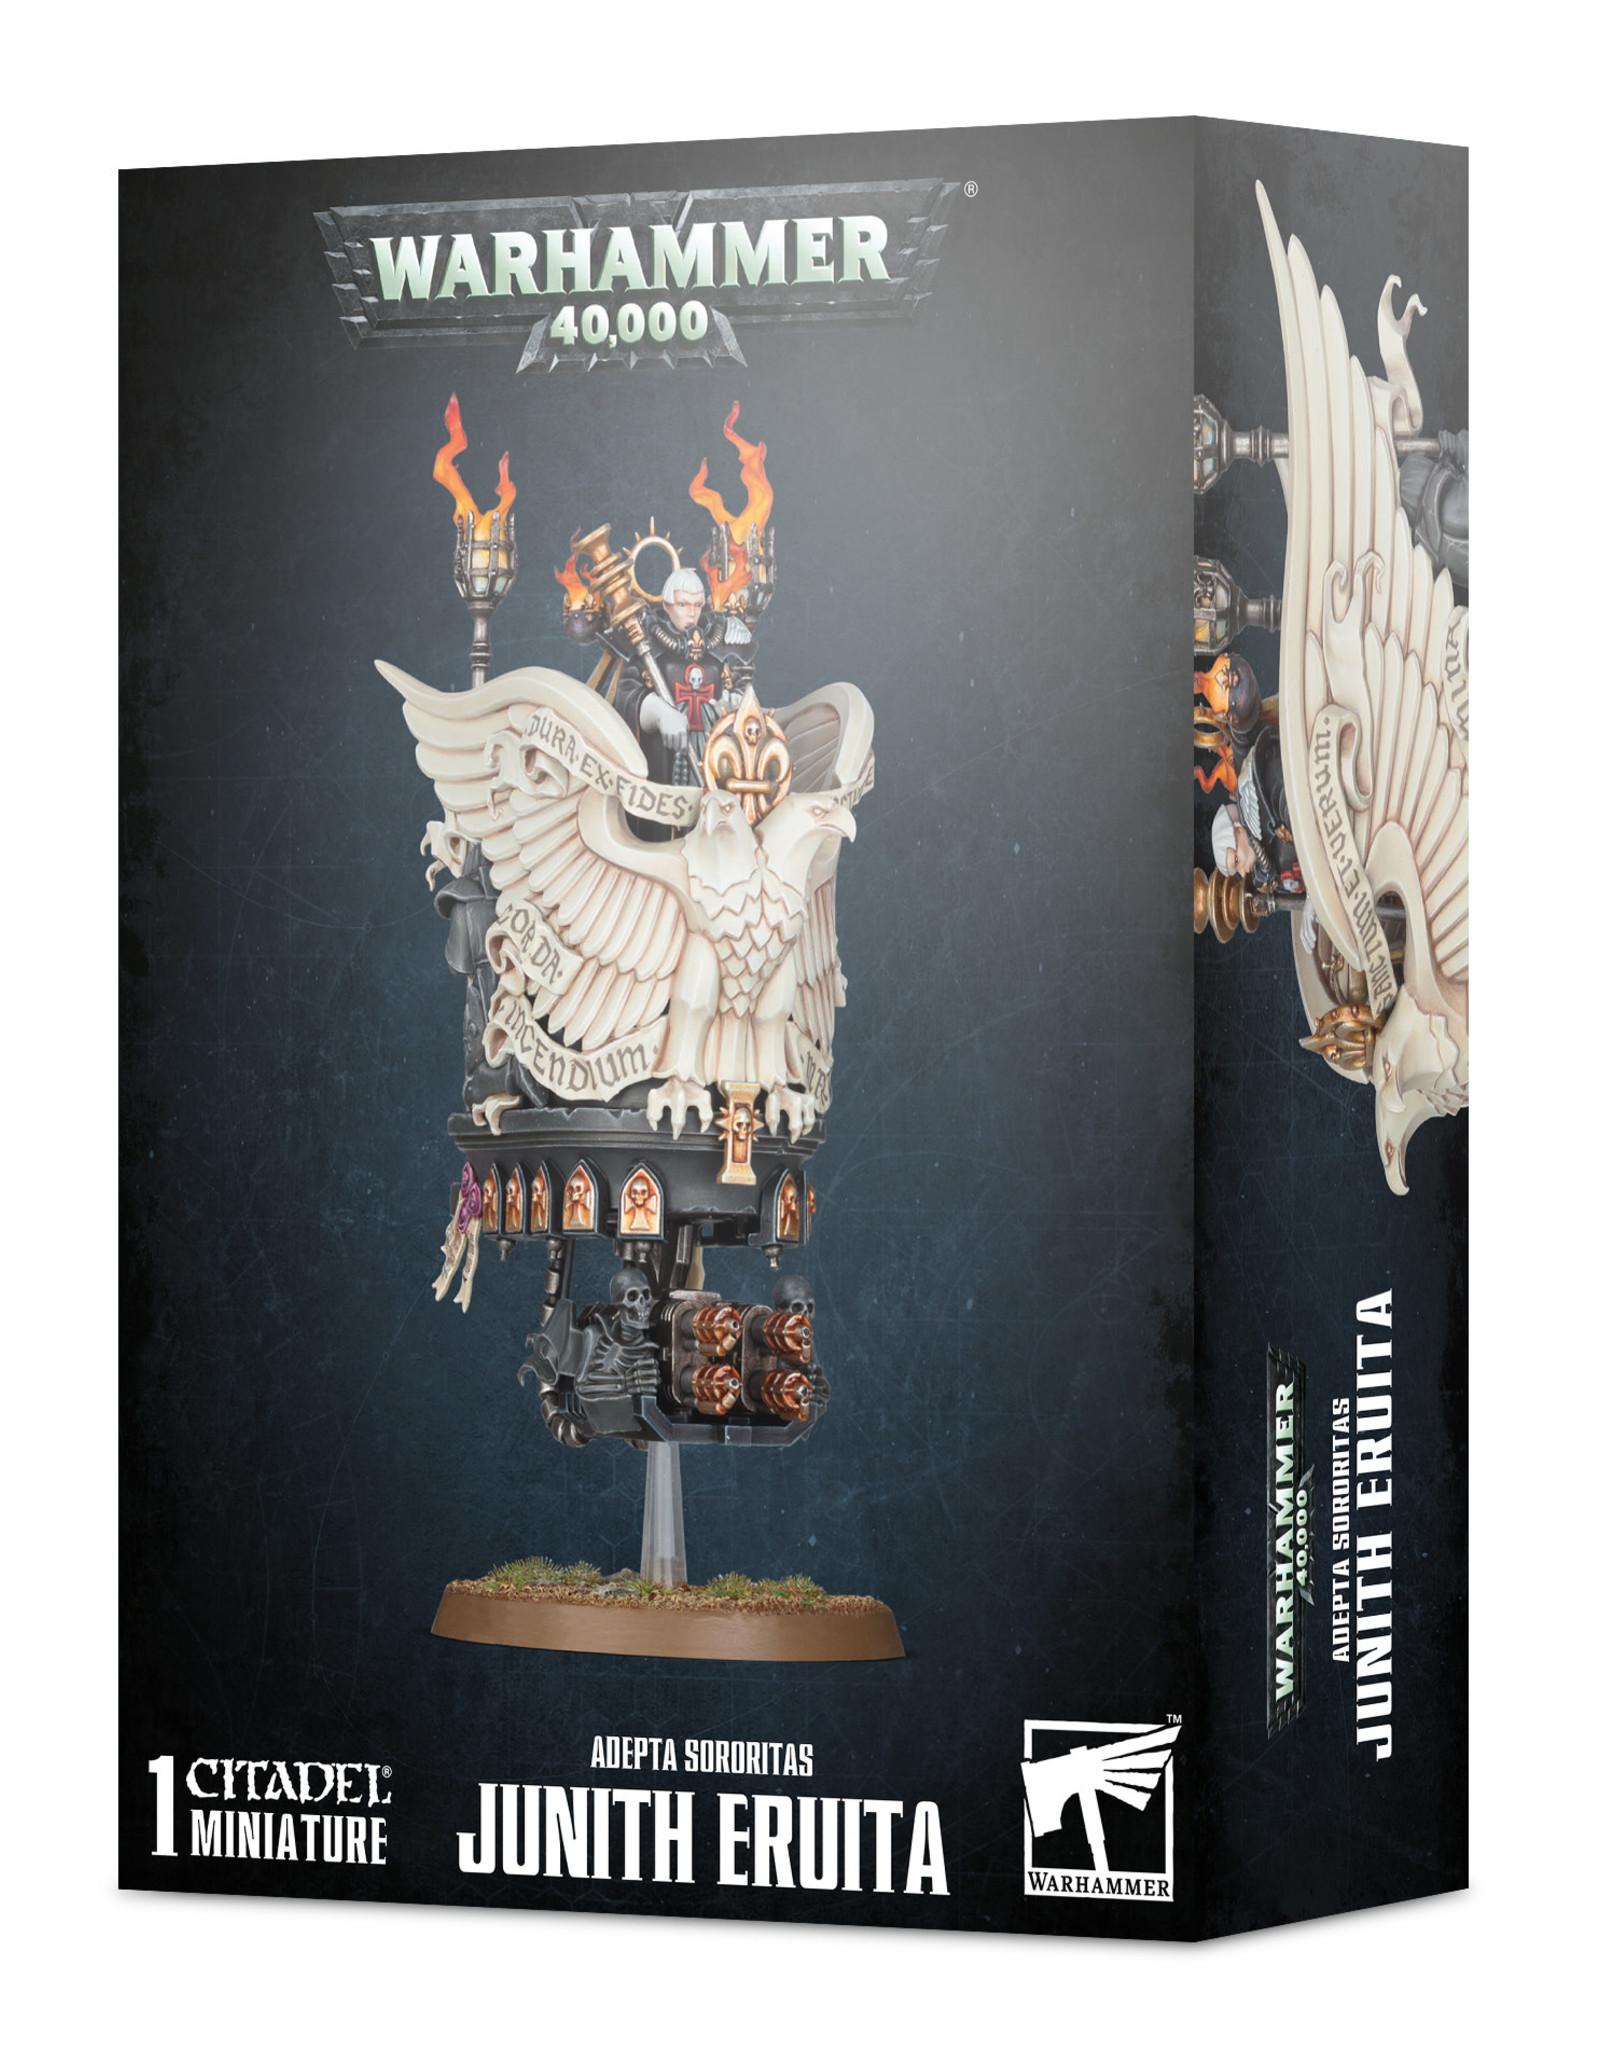 Warhammer 40K Adepta Sororitas Junith Eruita